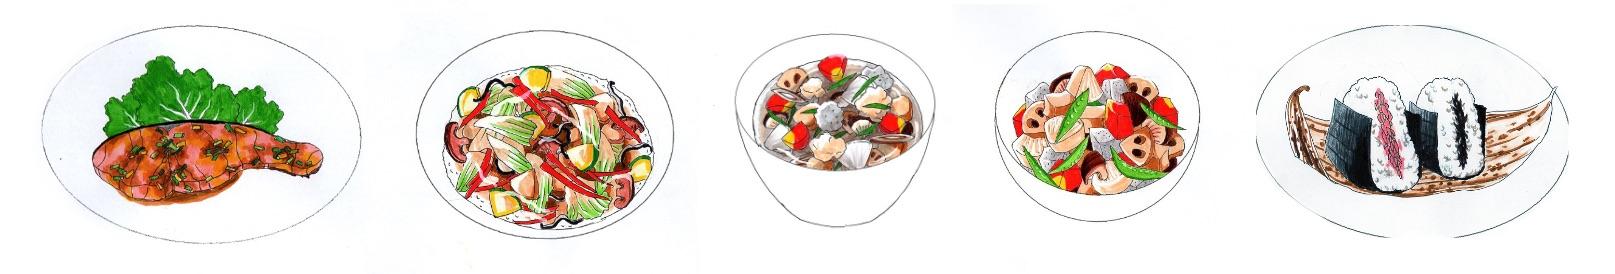 Ikuyo Hori - Speisenillustrationen